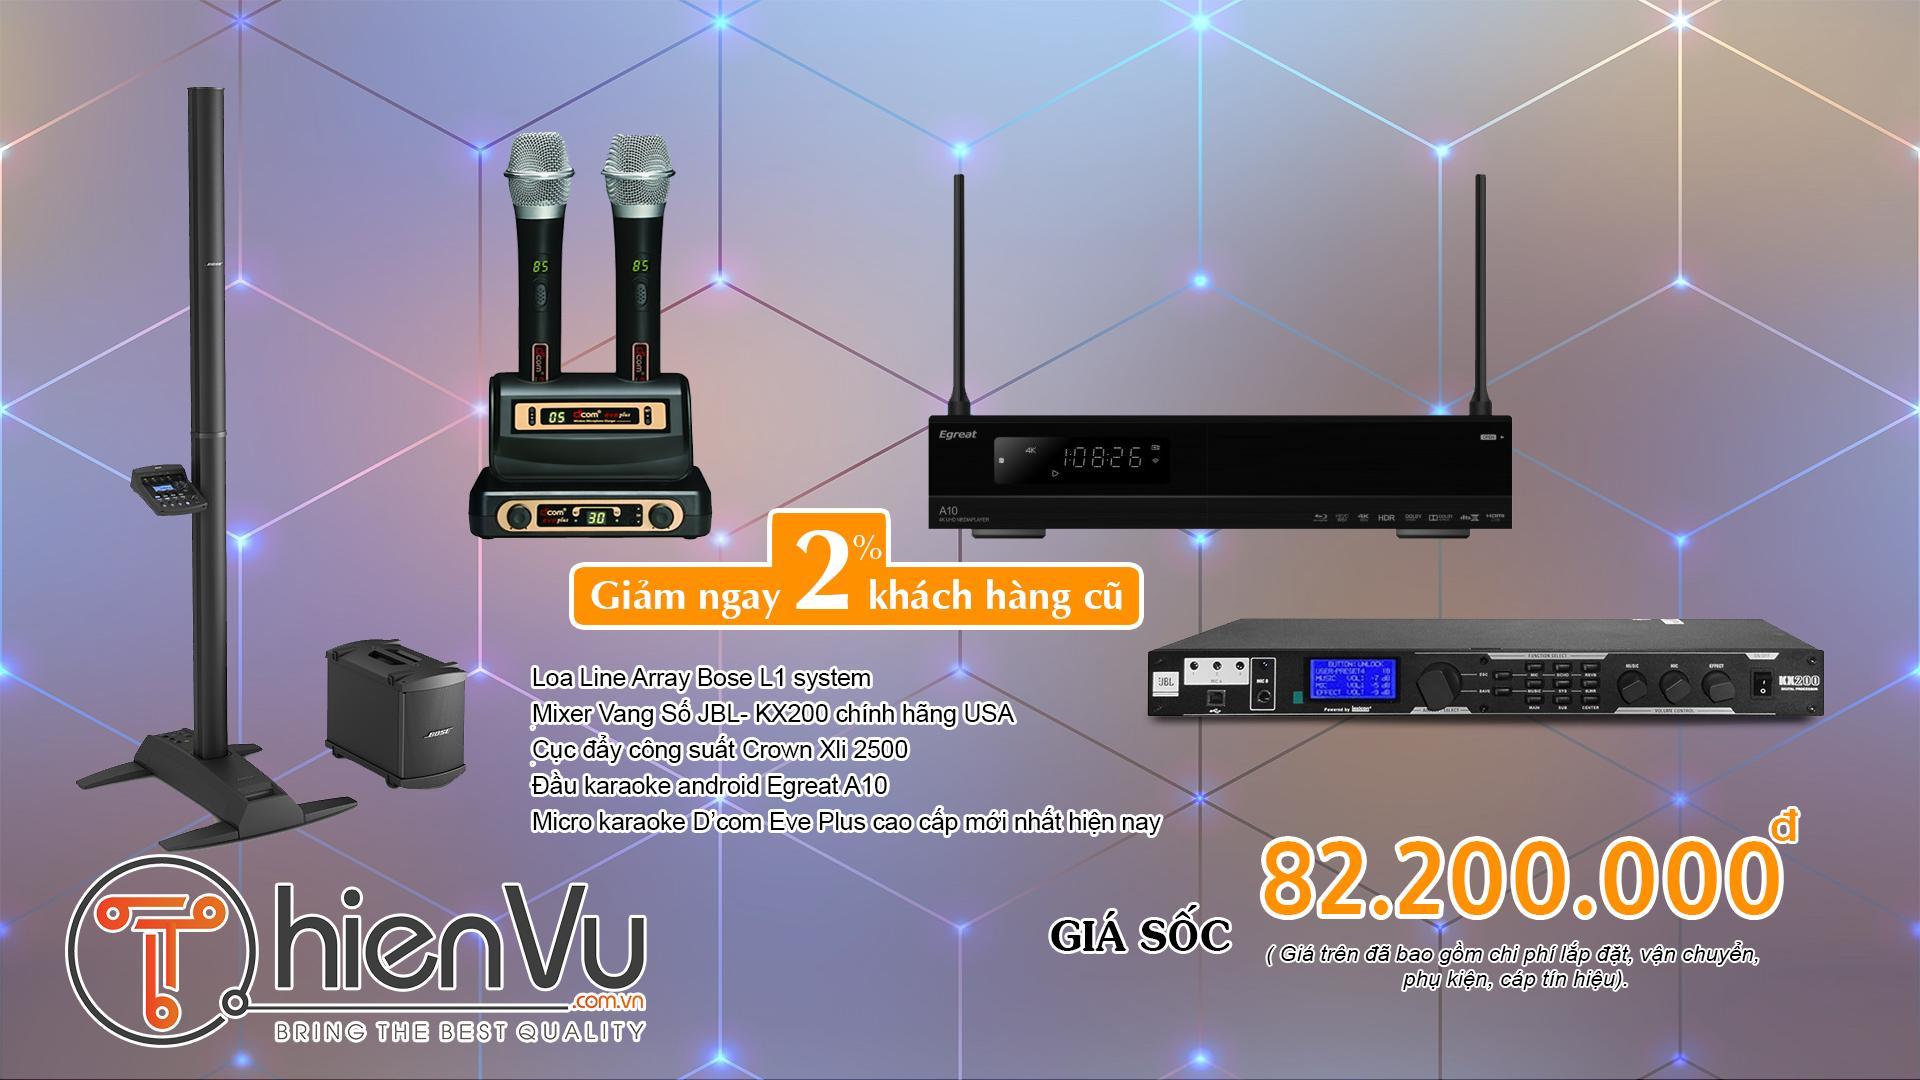 Chi tiết dàn karaoke cao cấp với hệ thống loa Bose 80 triệu đồng TVAP 09